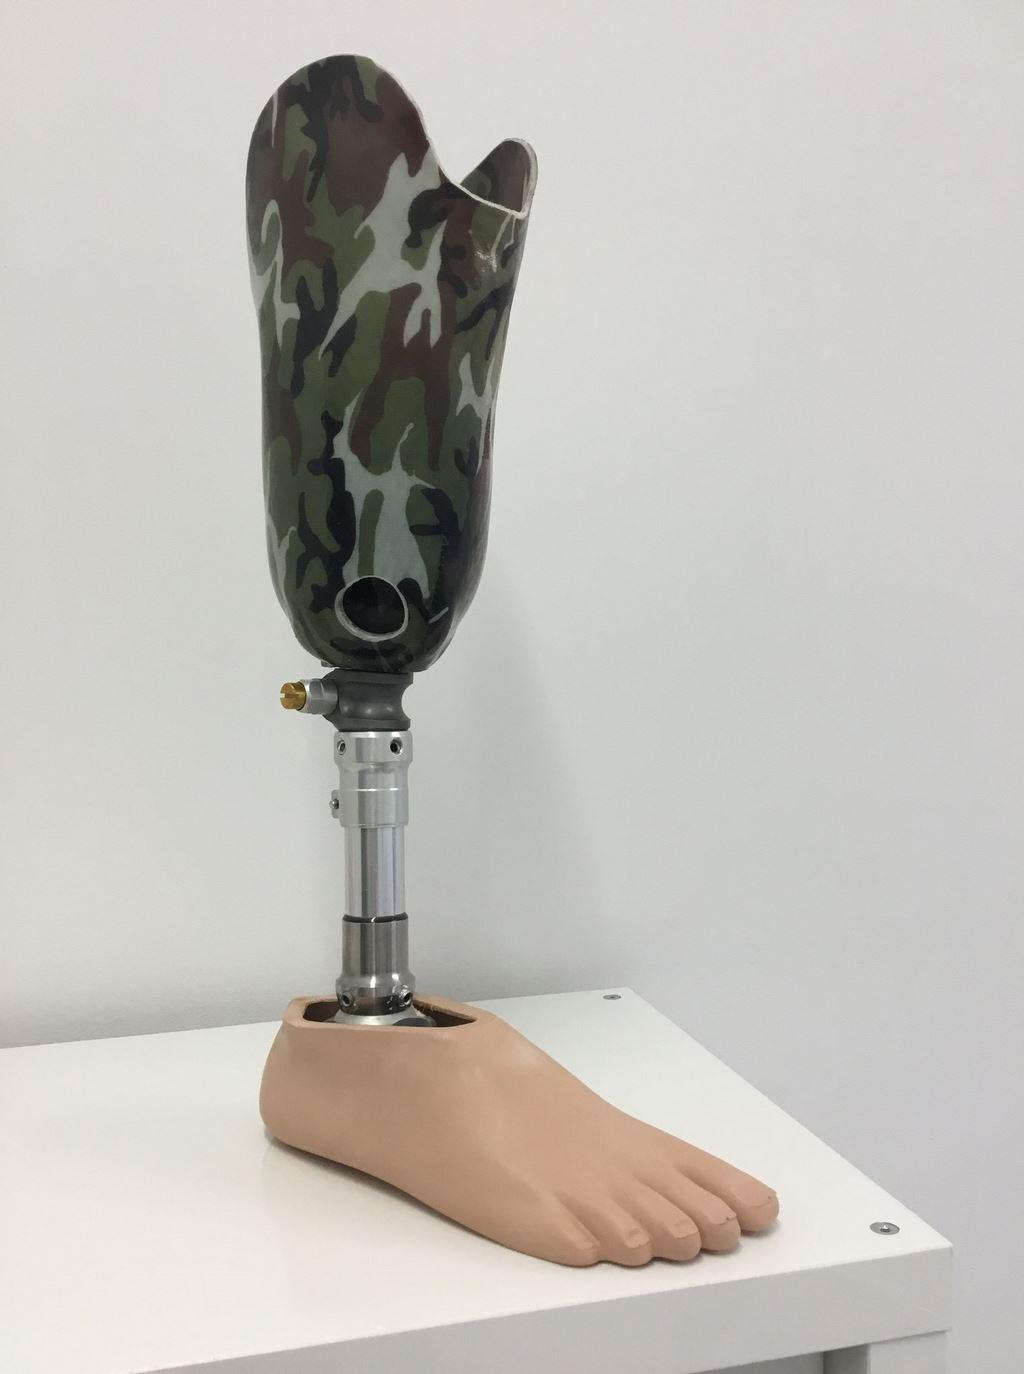 protezy podudzia sml